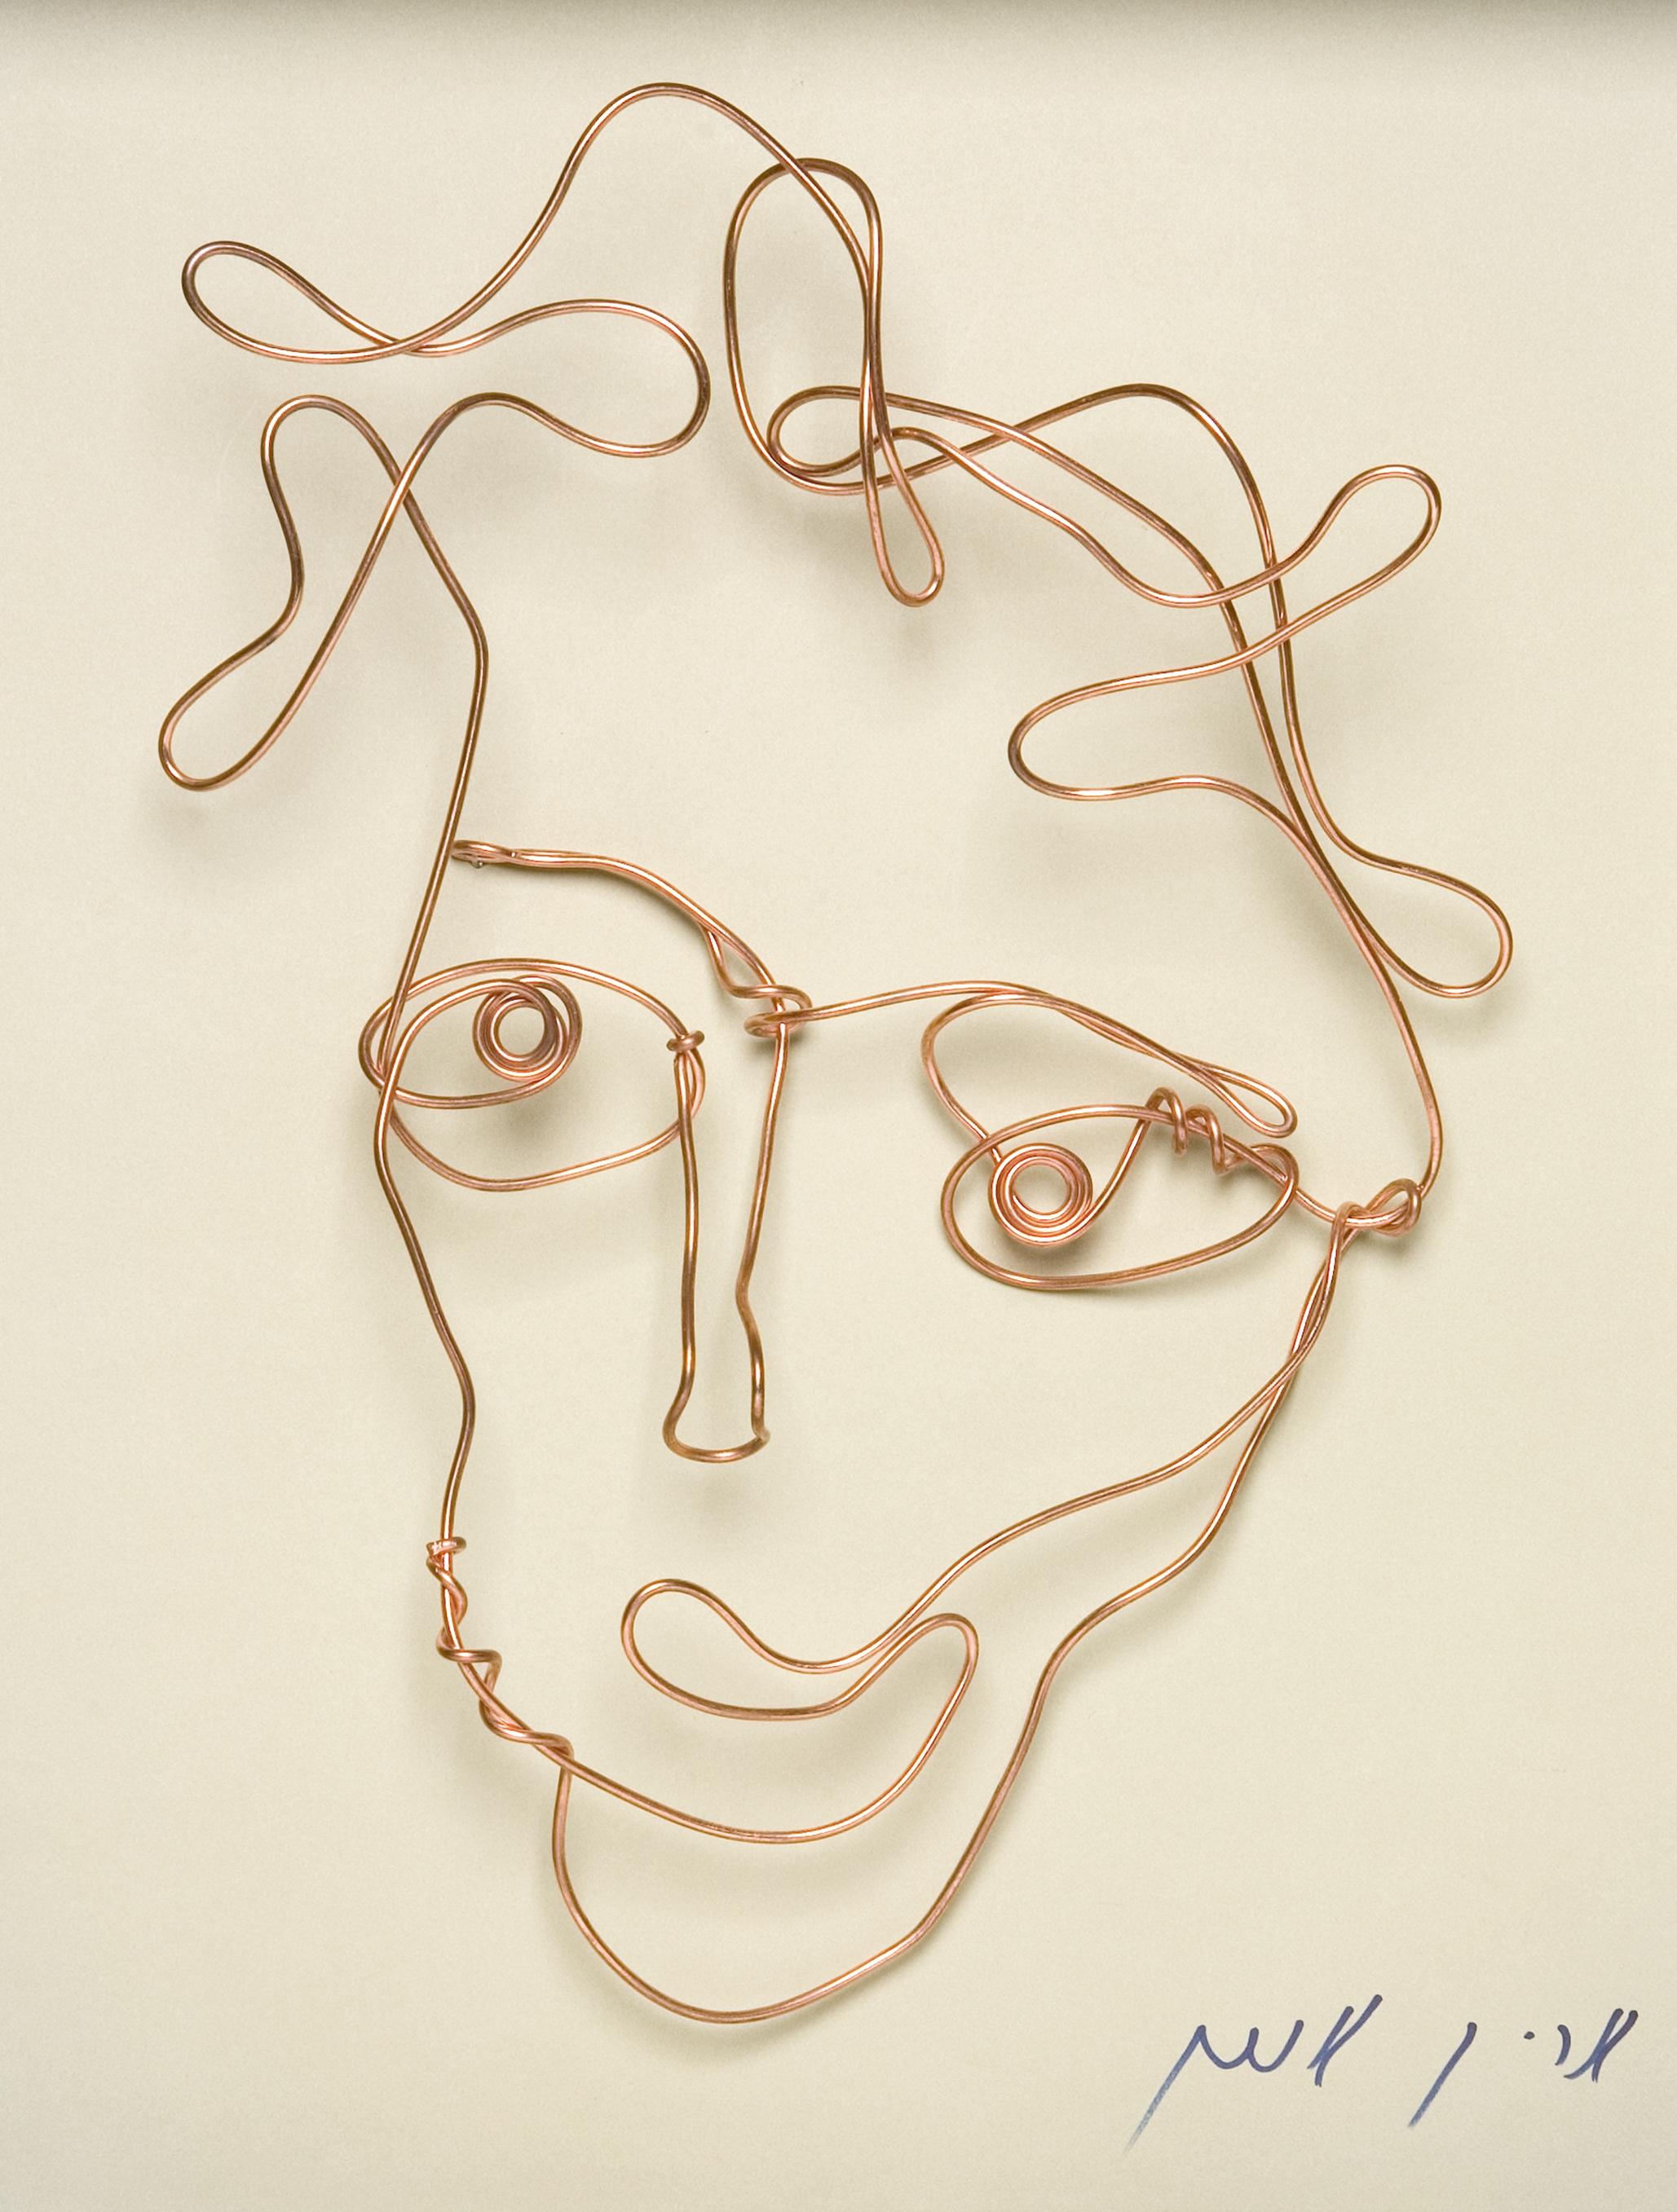 Smiling Wire by Arik Afek